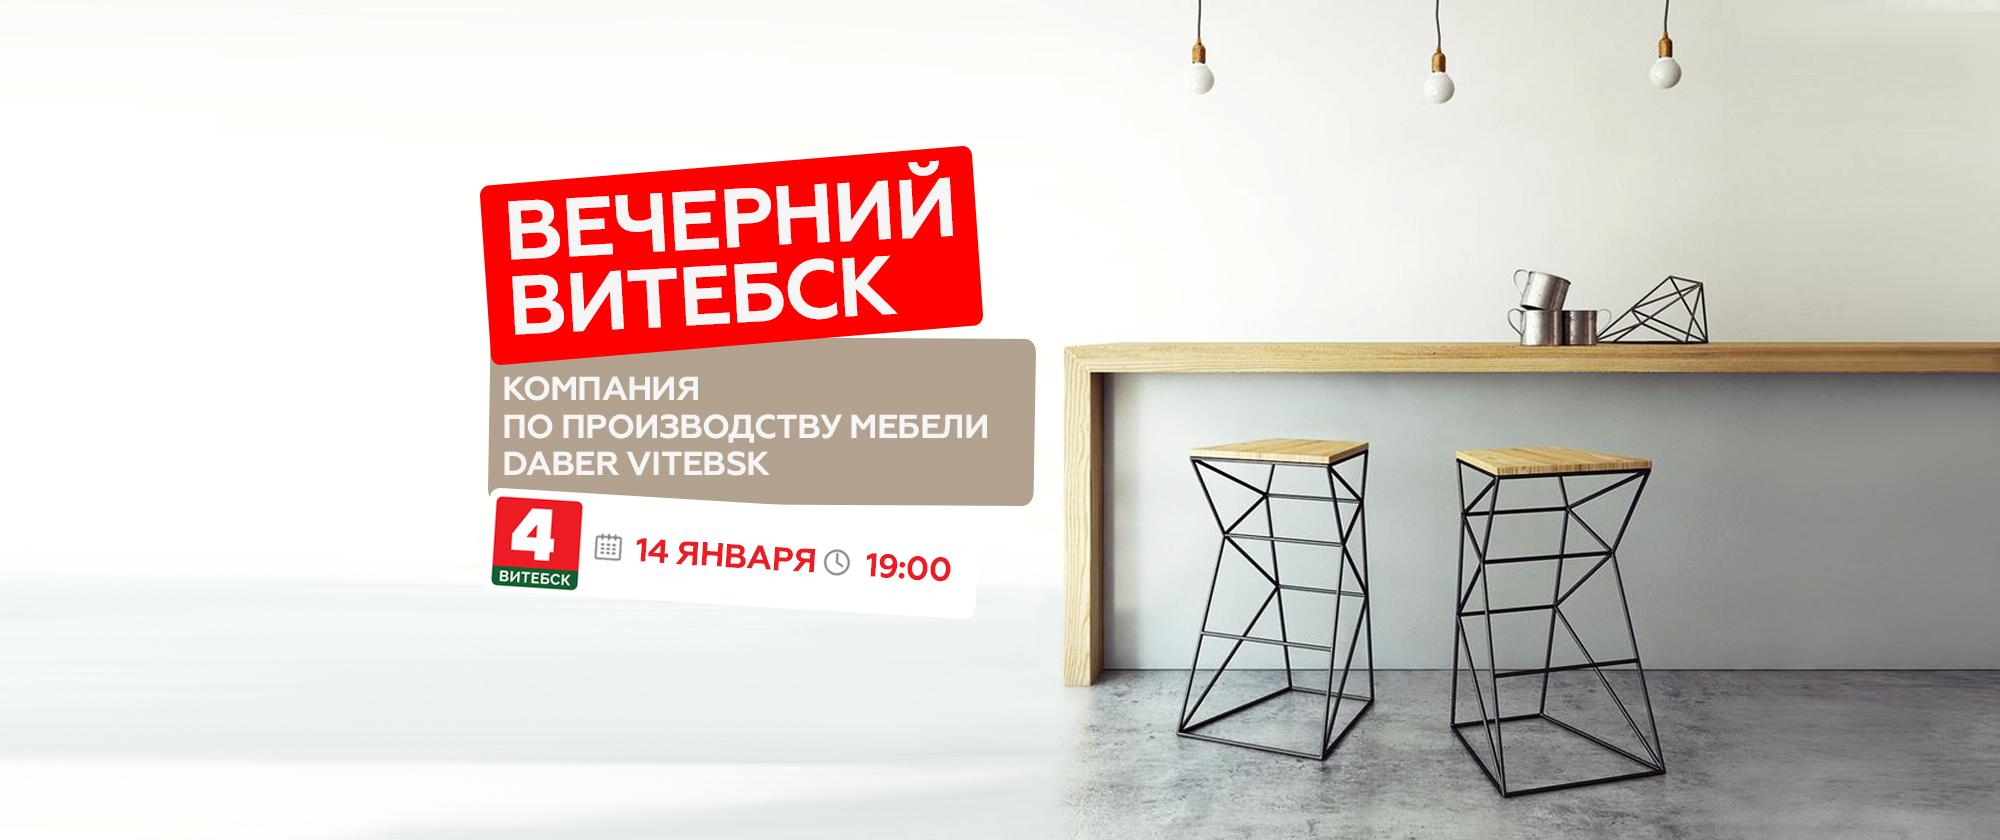 vechernij vitebsk 14 janvarja - Вечерний Витебск-14-января